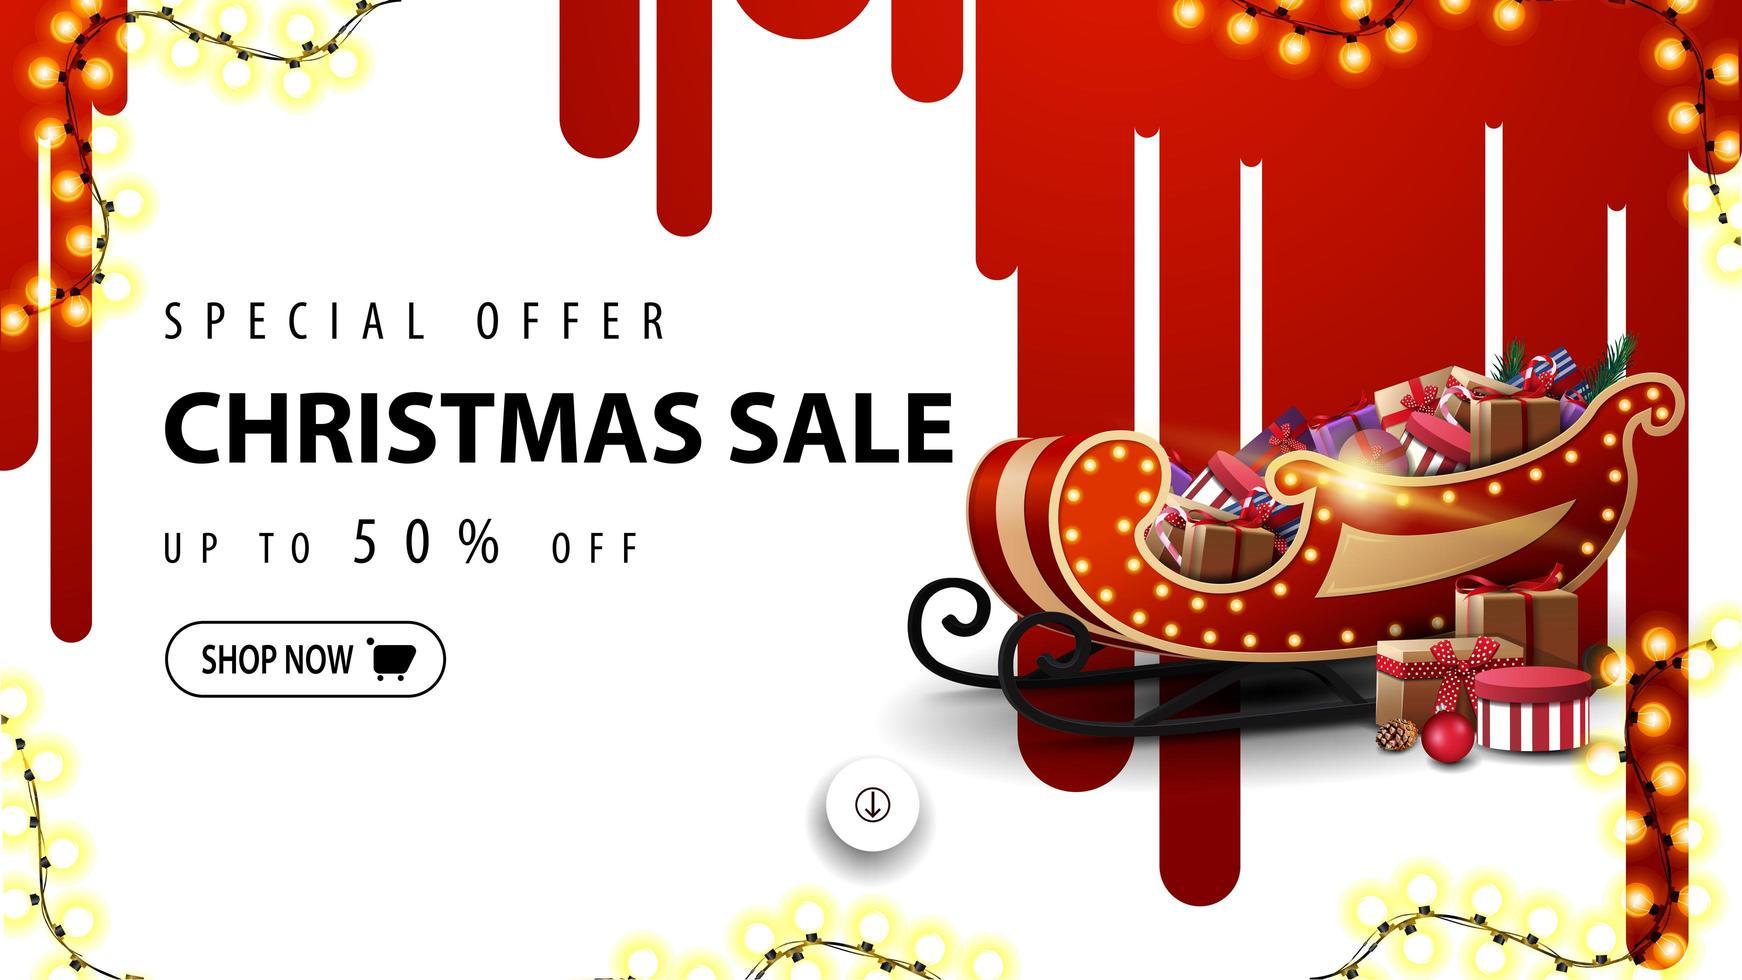 Sonderangebot, Weihnachtsverkauf, bis zu 50 Rabatt, weißes Rabattbanner mit roten Farbstreifen an der weißen Wand und Weihnachtsschlitten mit Geschenken vektor